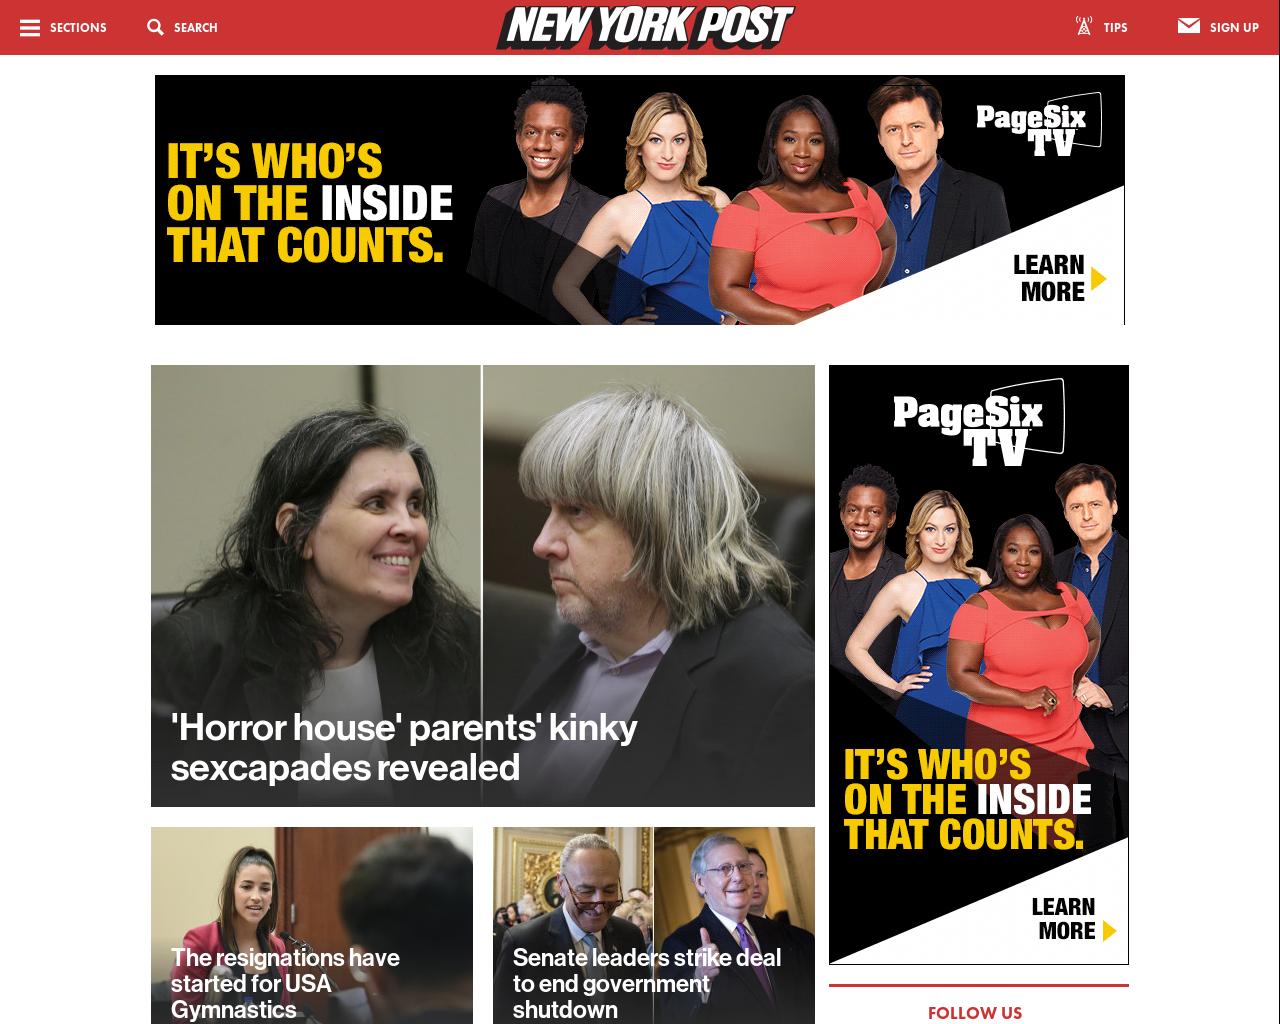 nypost.com(2018/01/23 04:50:39)